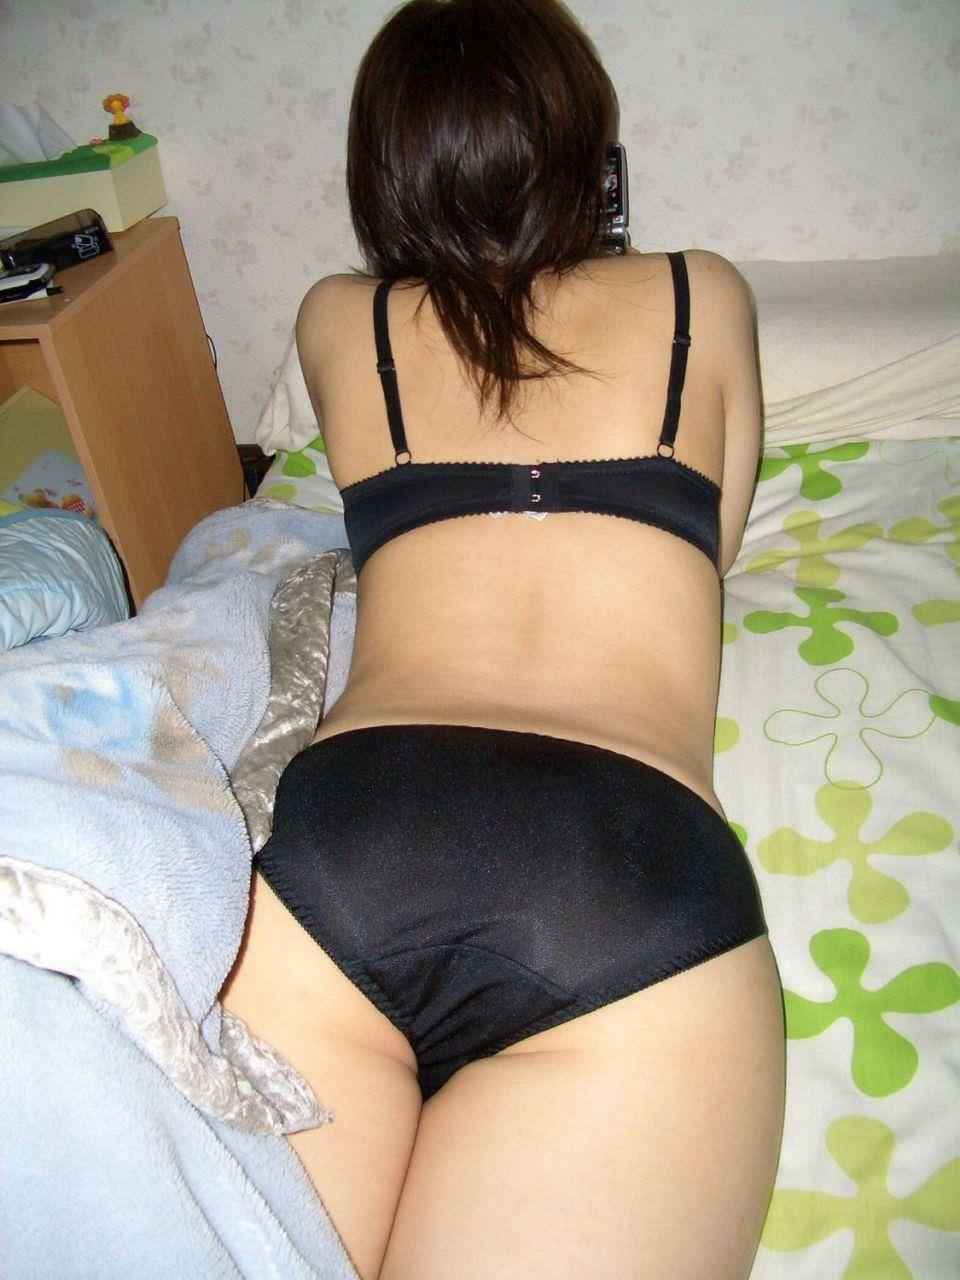 うつ伏せで寝てる彼女のお尻やおまんこを勝手に撮影したエロ画像 744